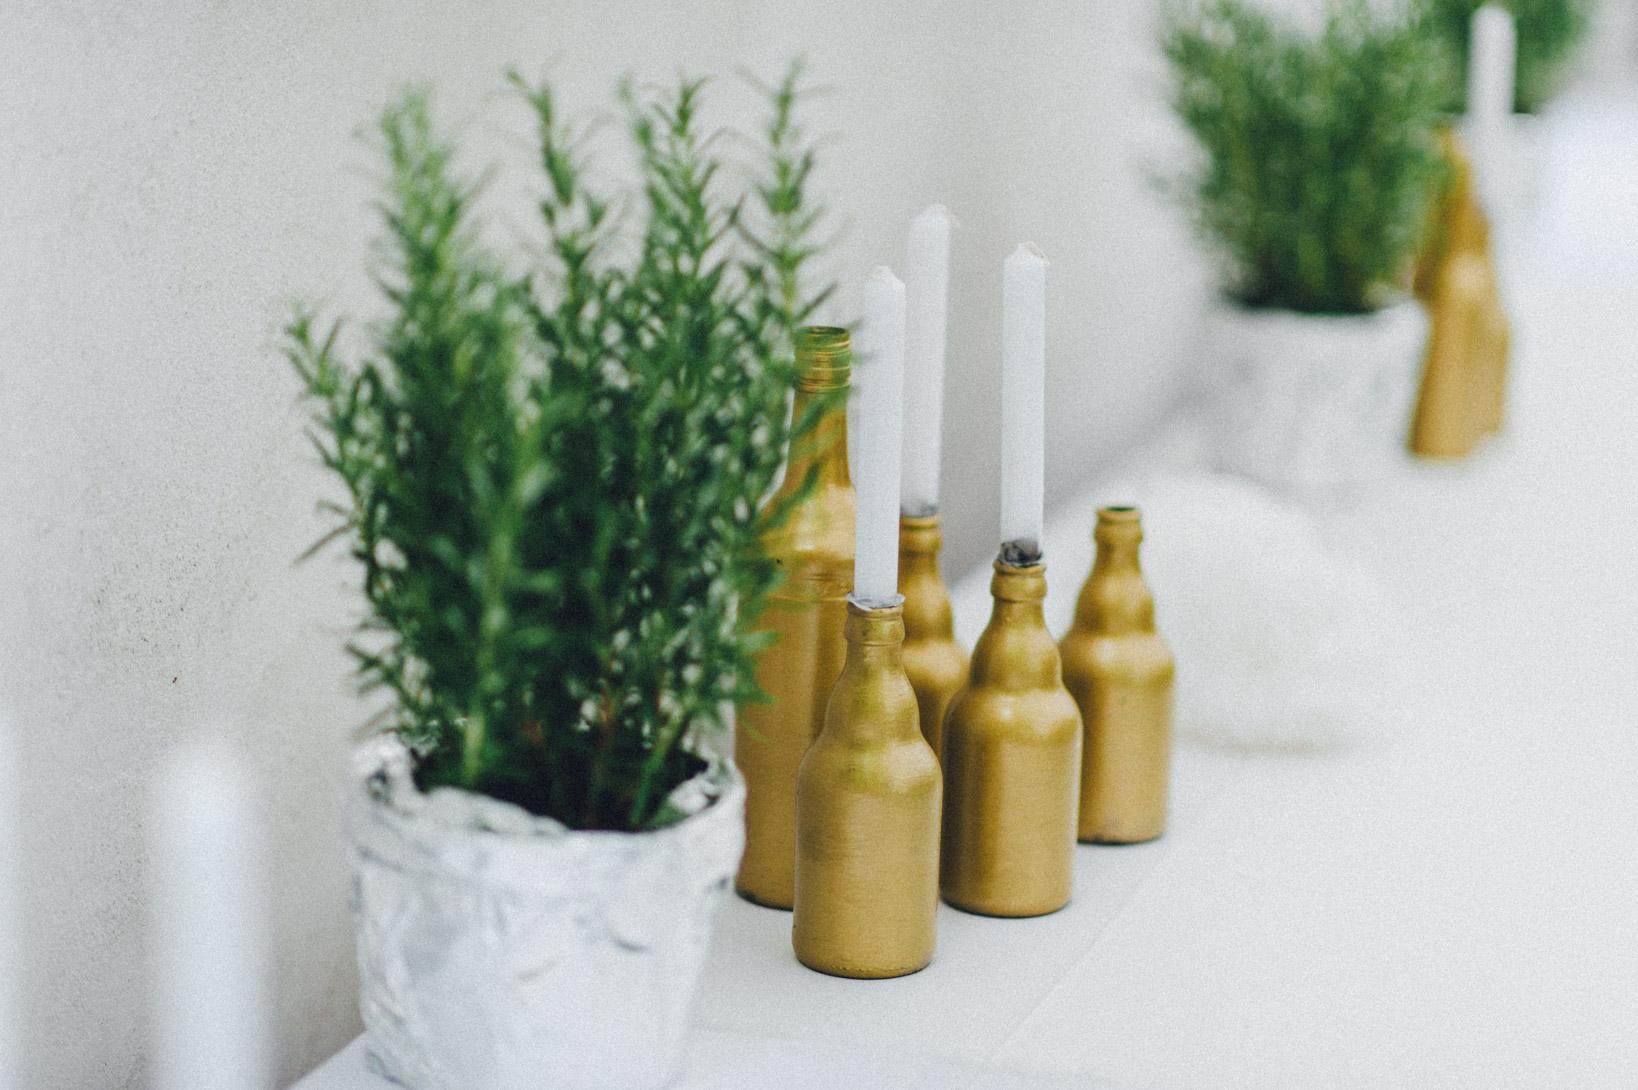 DIY-Hochzeit-gold-VW-Bully-34 Janet & Pierre DIY Midsummer-Wedding in Gold mit VW BulliDIY Hochzeit gold VW Bully 34